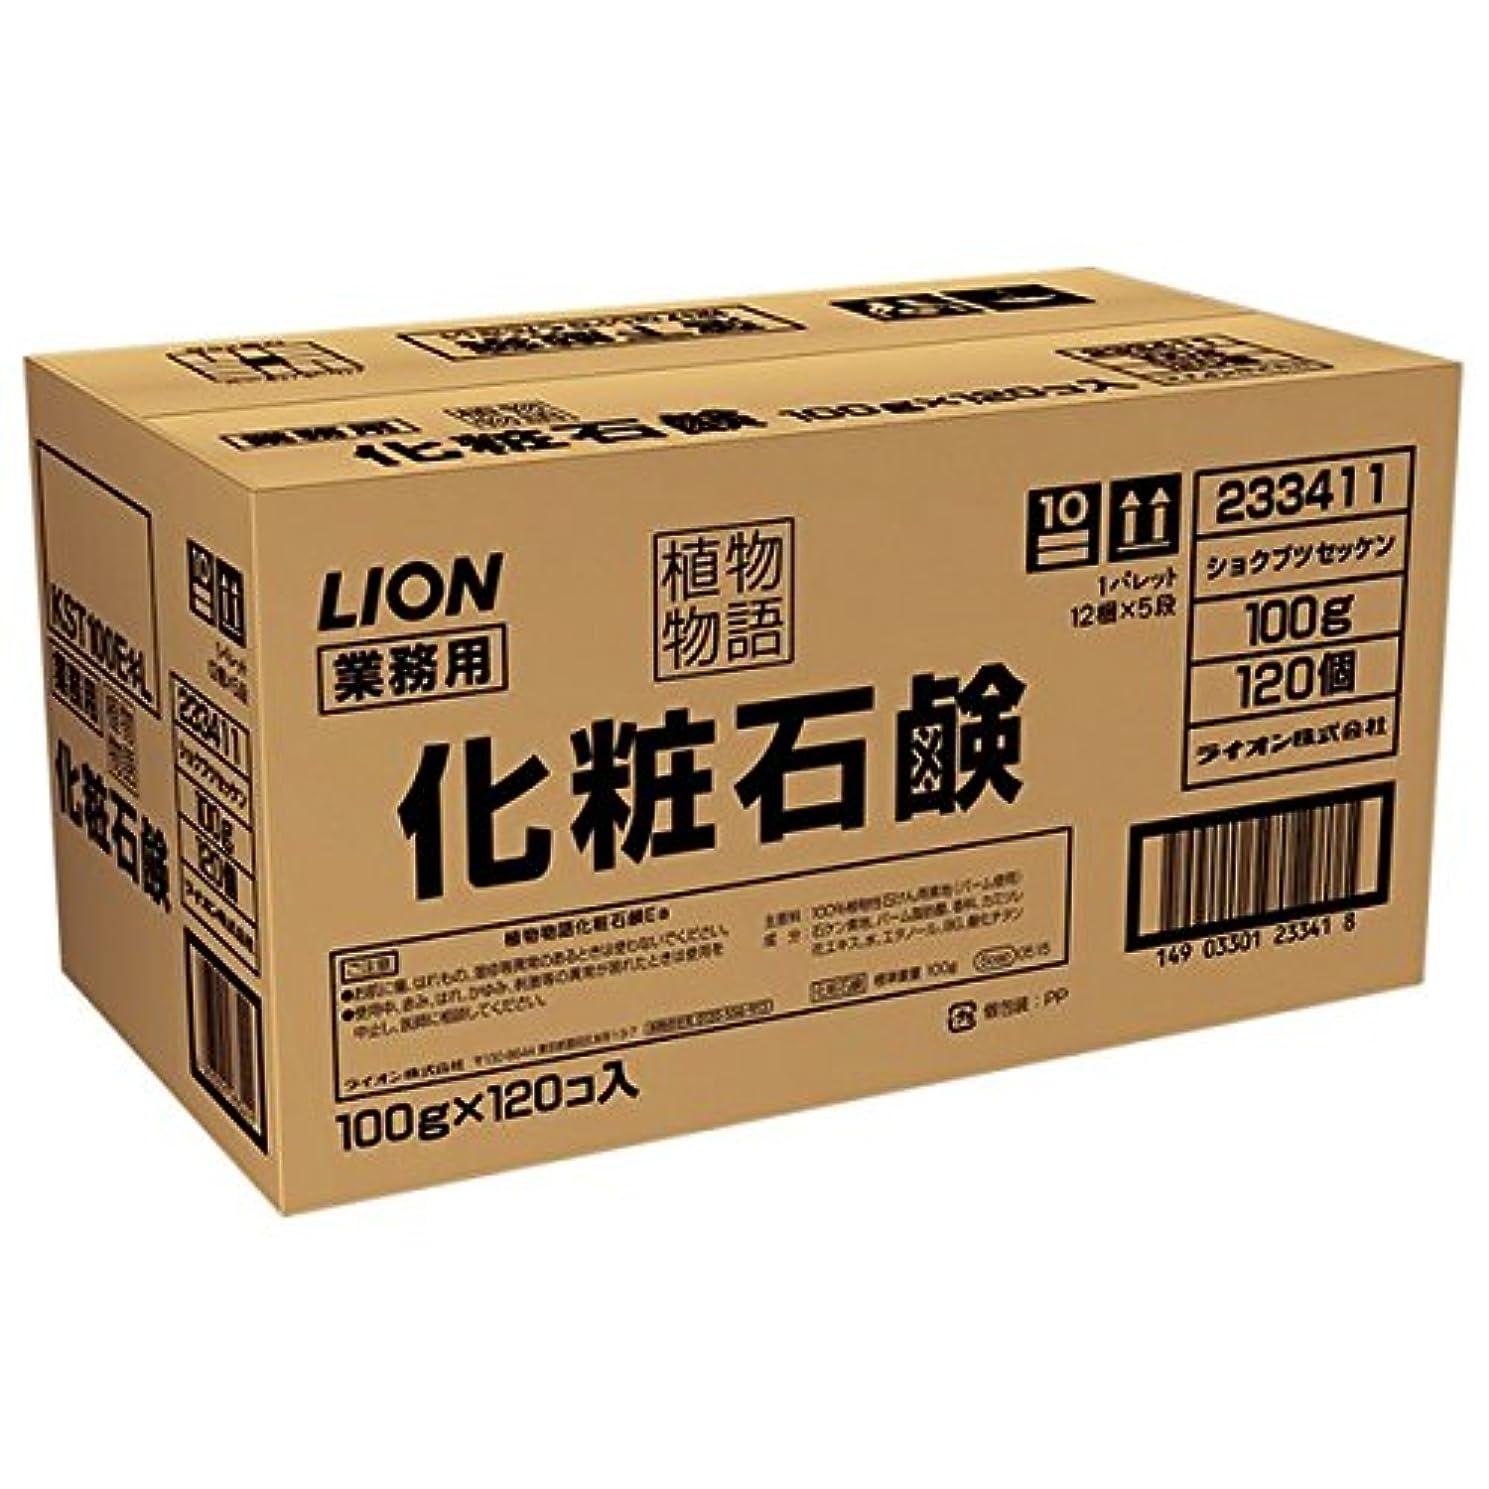 緩む無条件たらいライオン 植物物語 化粧石鹸 業務用 100g 1箱(120個)